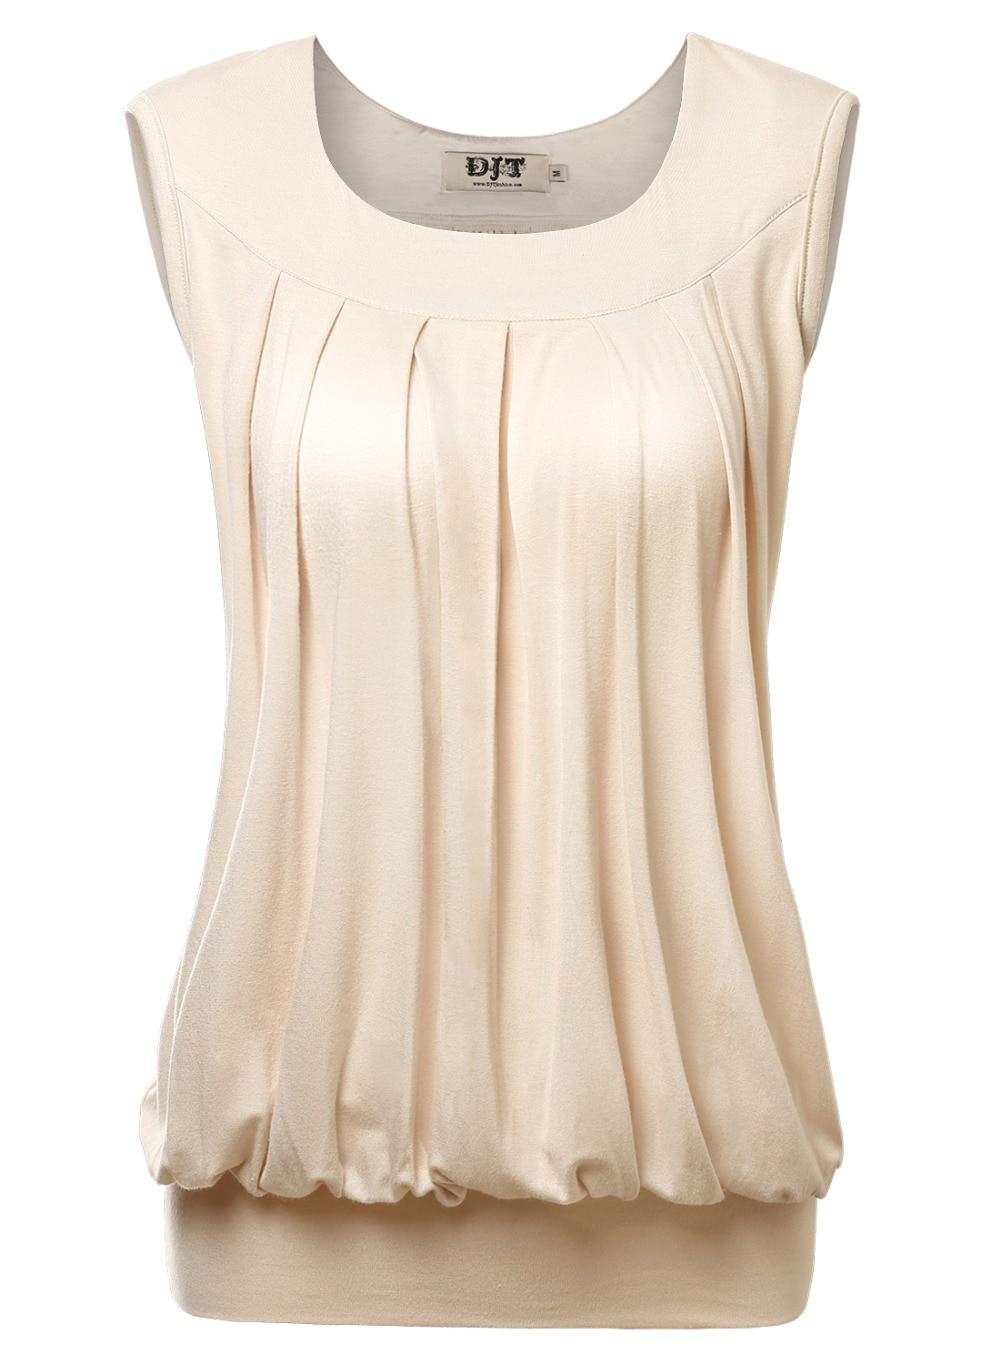 summer super soft women loose tops pleated u neck ruched. Black Bedroom Furniture Sets. Home Design Ideas